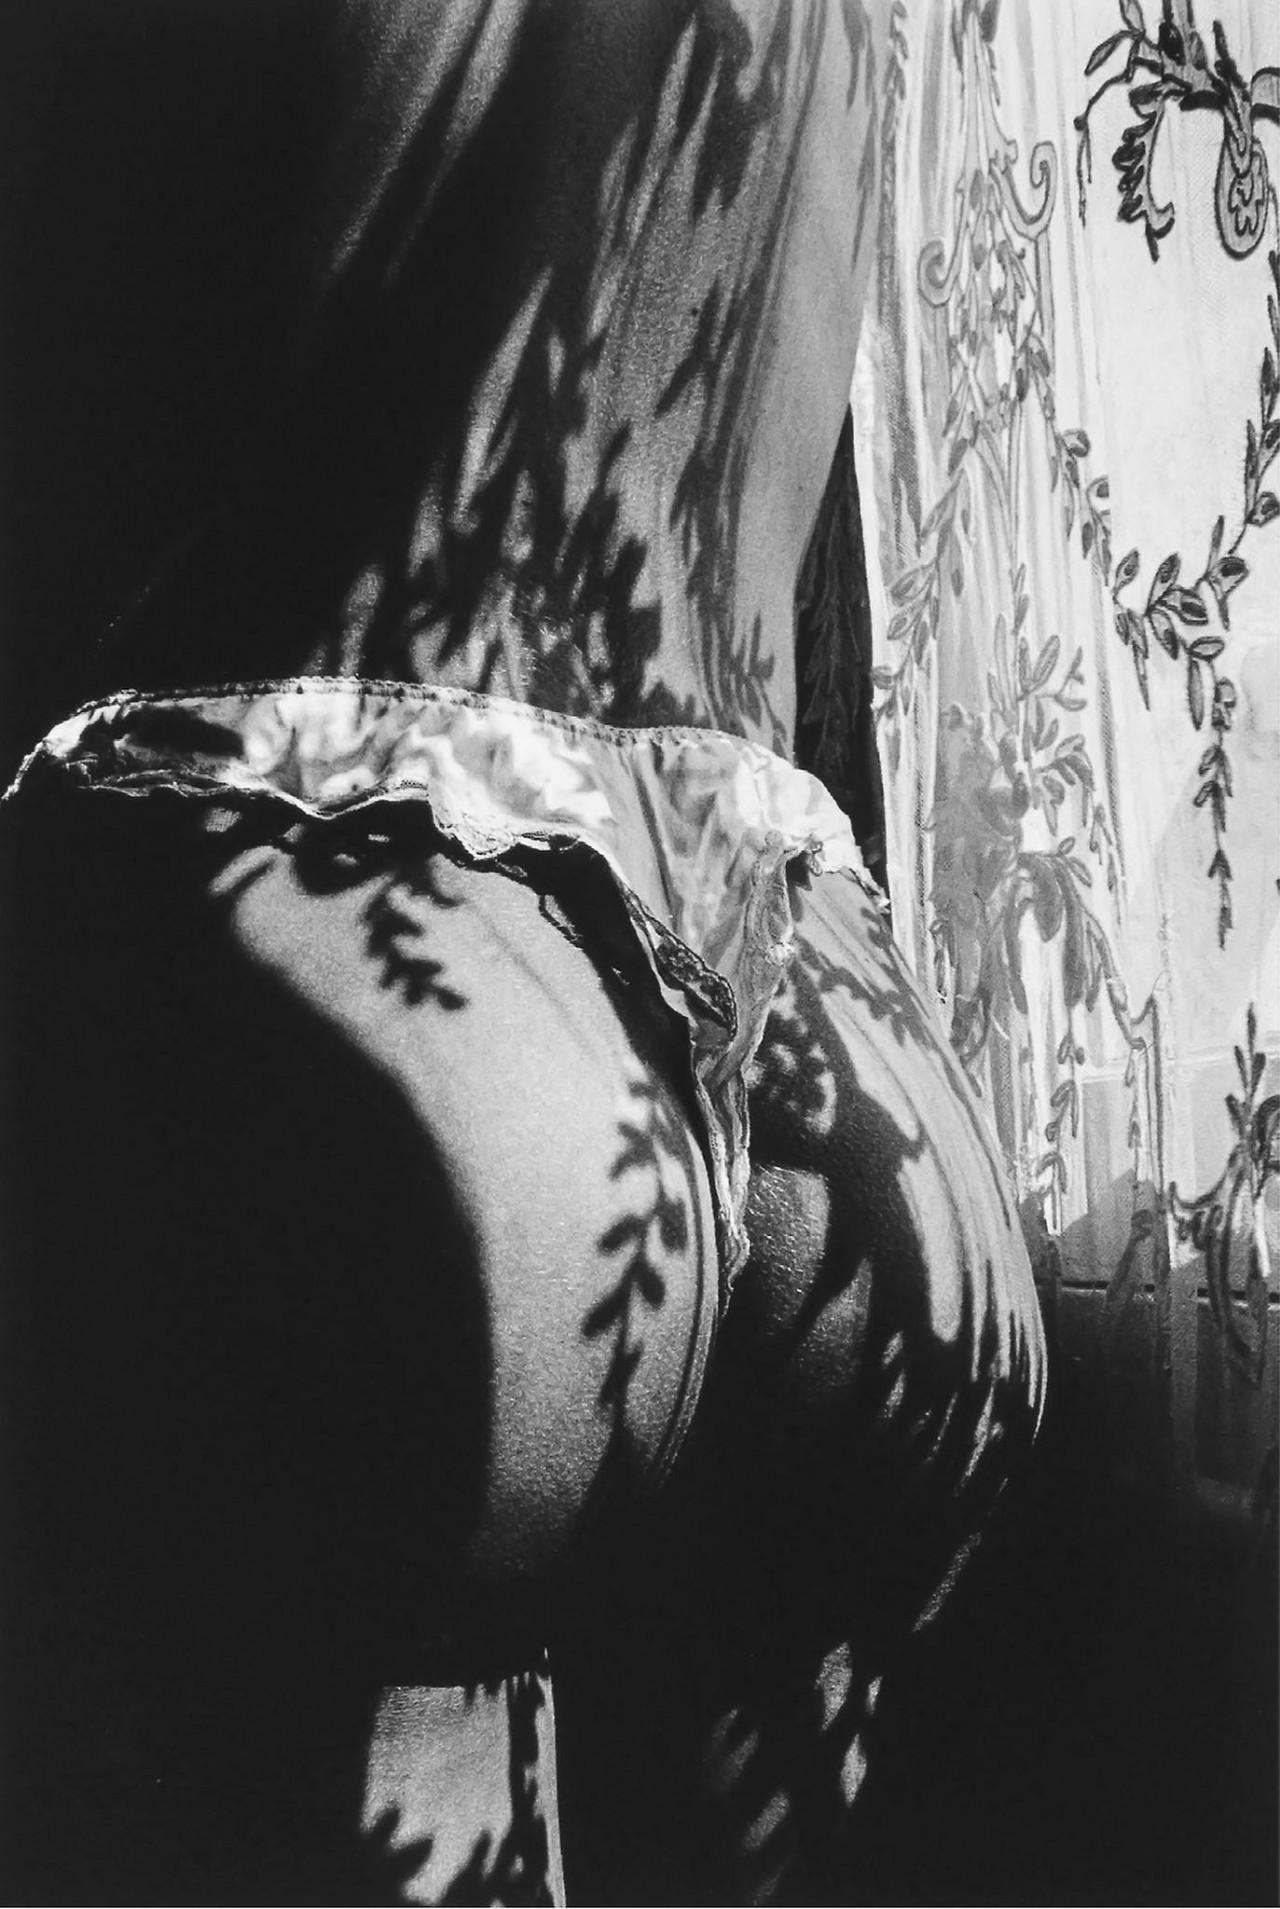 В свете солнца, Париж, 1989. Фотограф Жанлу Сьефф